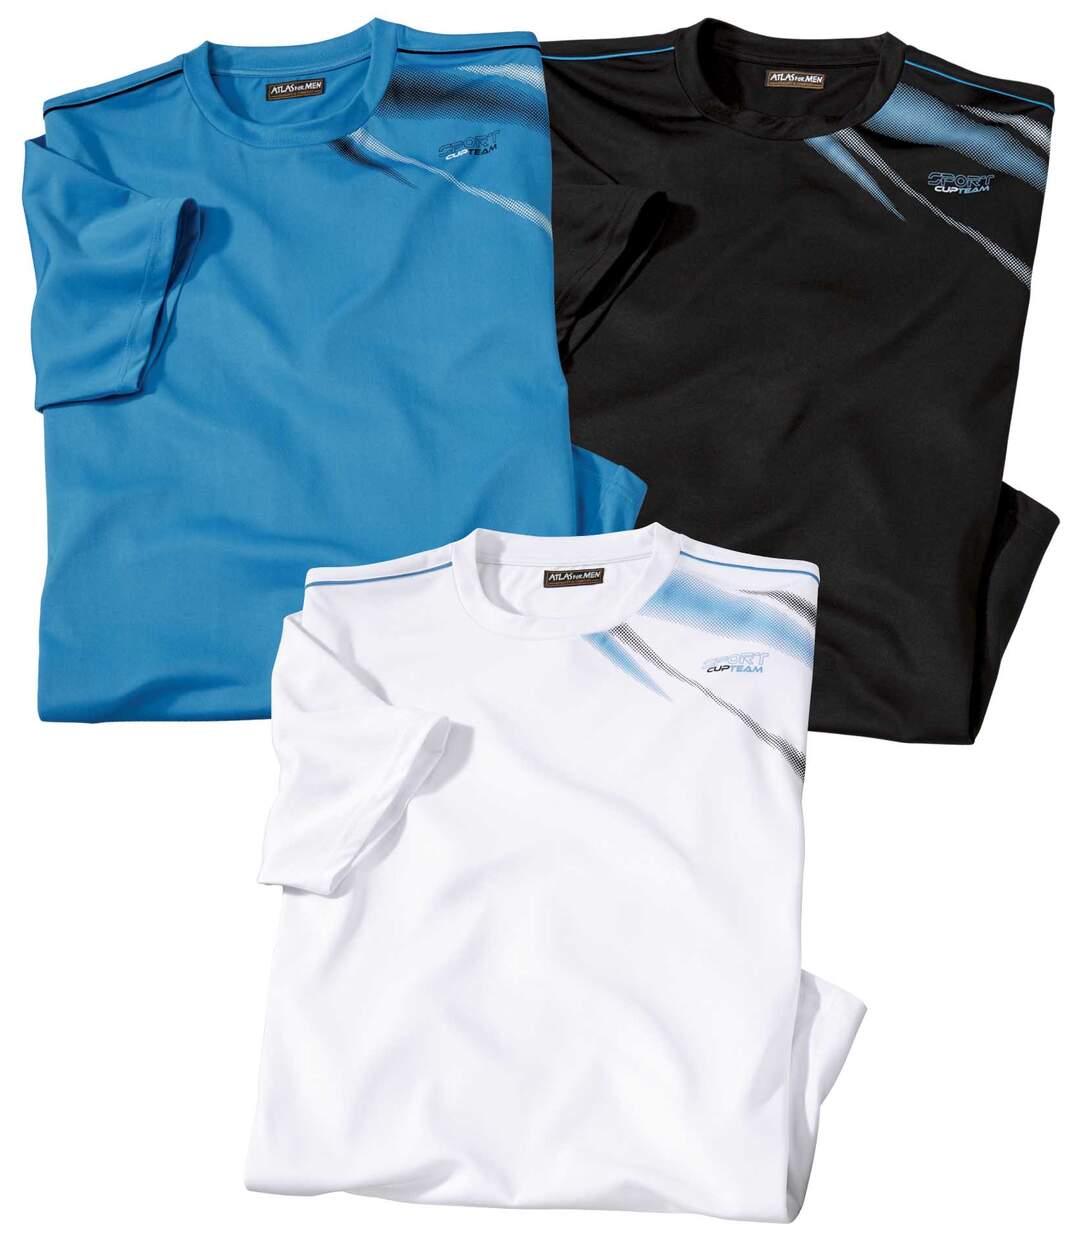 3er-Pack knitterfreie T-Shirts